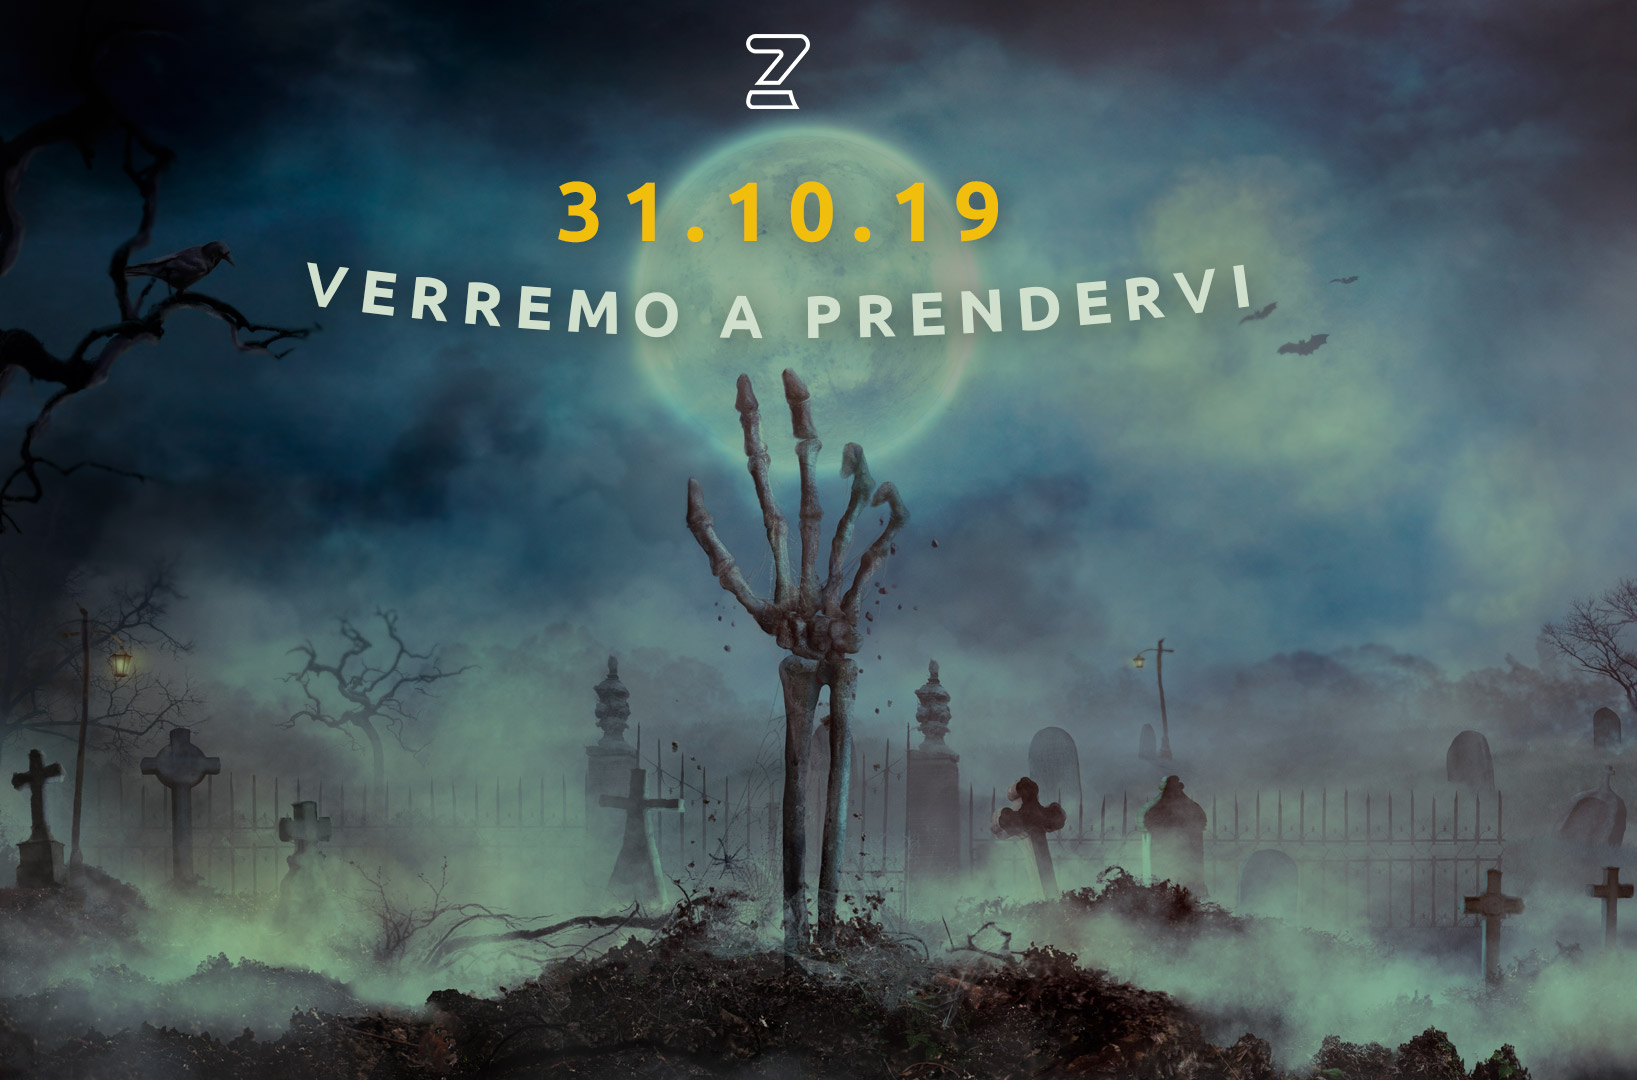 Verremo a prenderti! Preparati per la notte di Halloween 2019